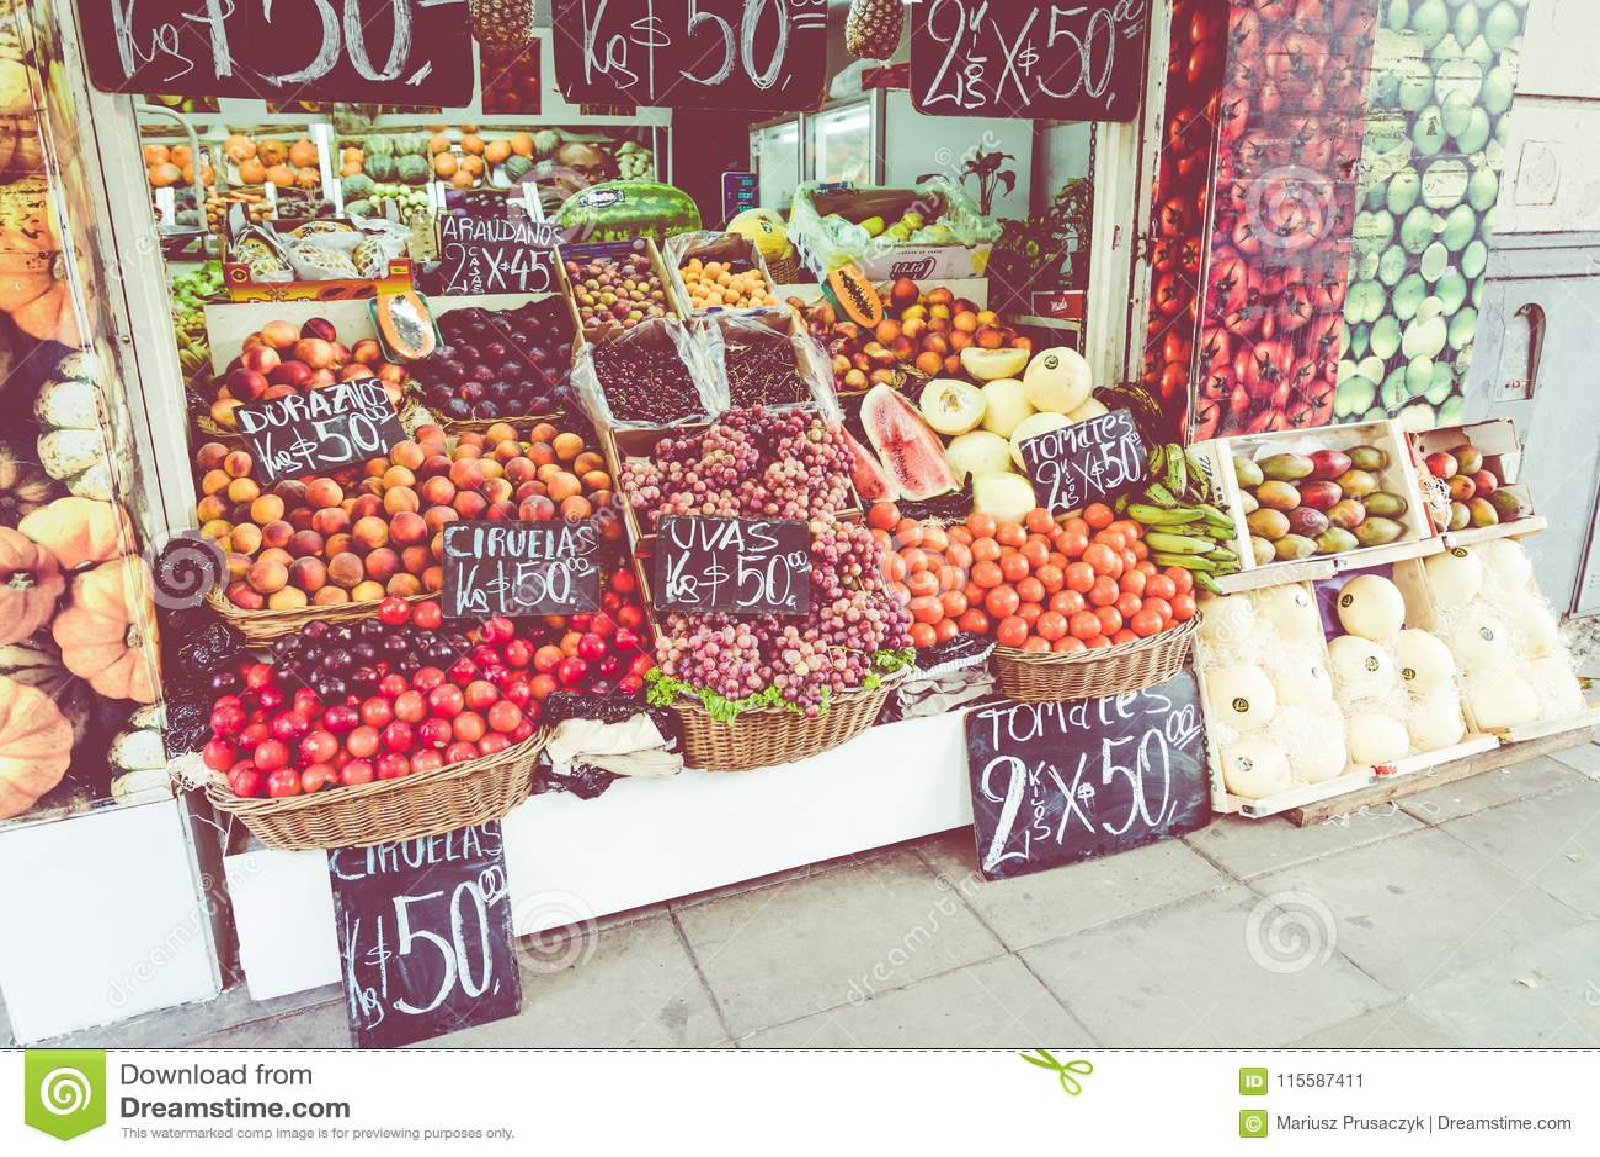 Tenda colorida das frutas e legumes em Buenos Aires, Argentina